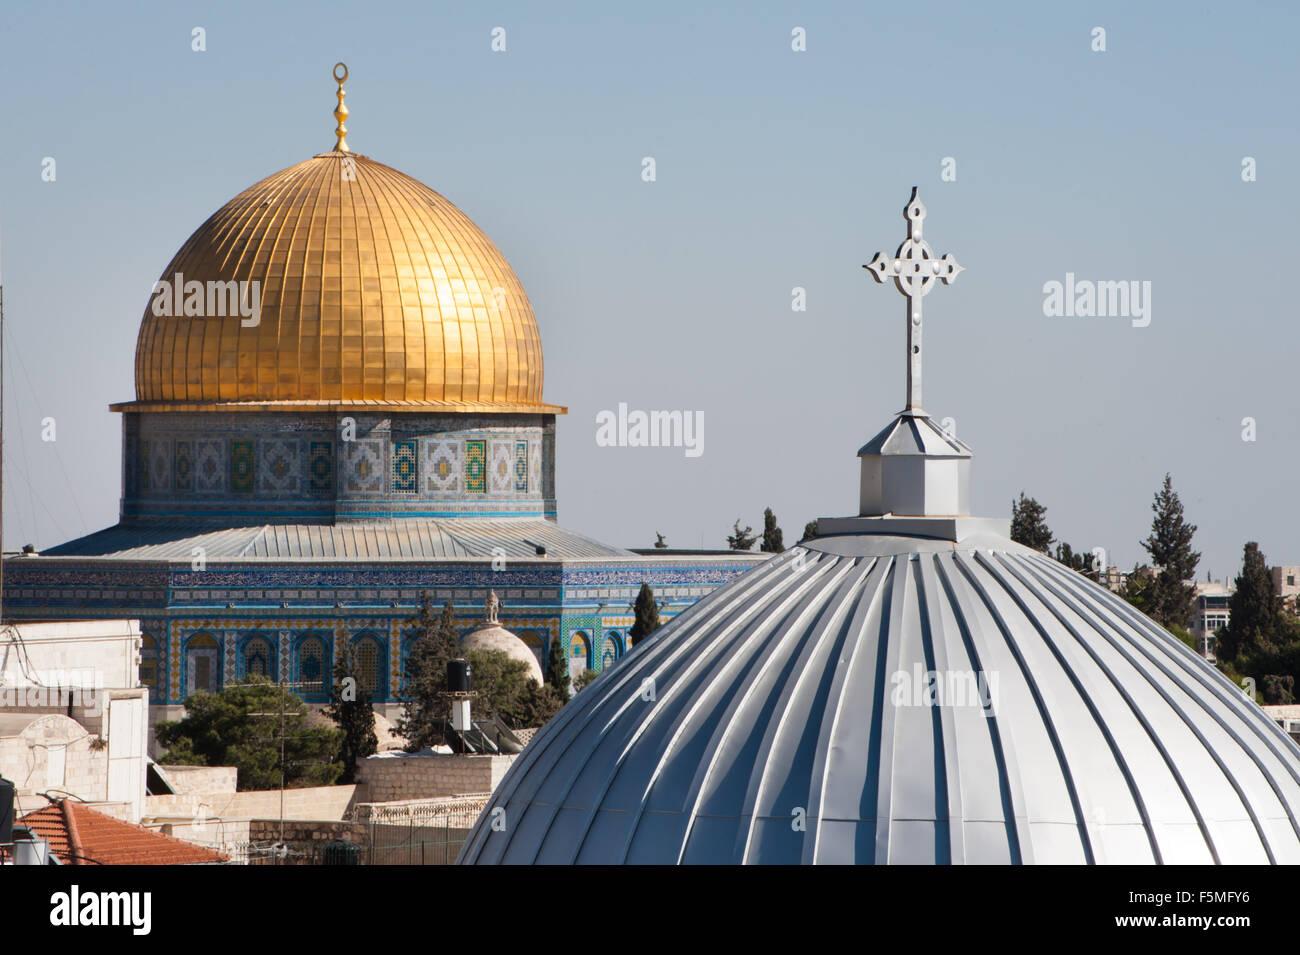 Nostra Signora di spasmo la Chiesa Cattolica Armena e la Cupola della roccia nella Città Vecchia di Gerusalemme. Foto Stock